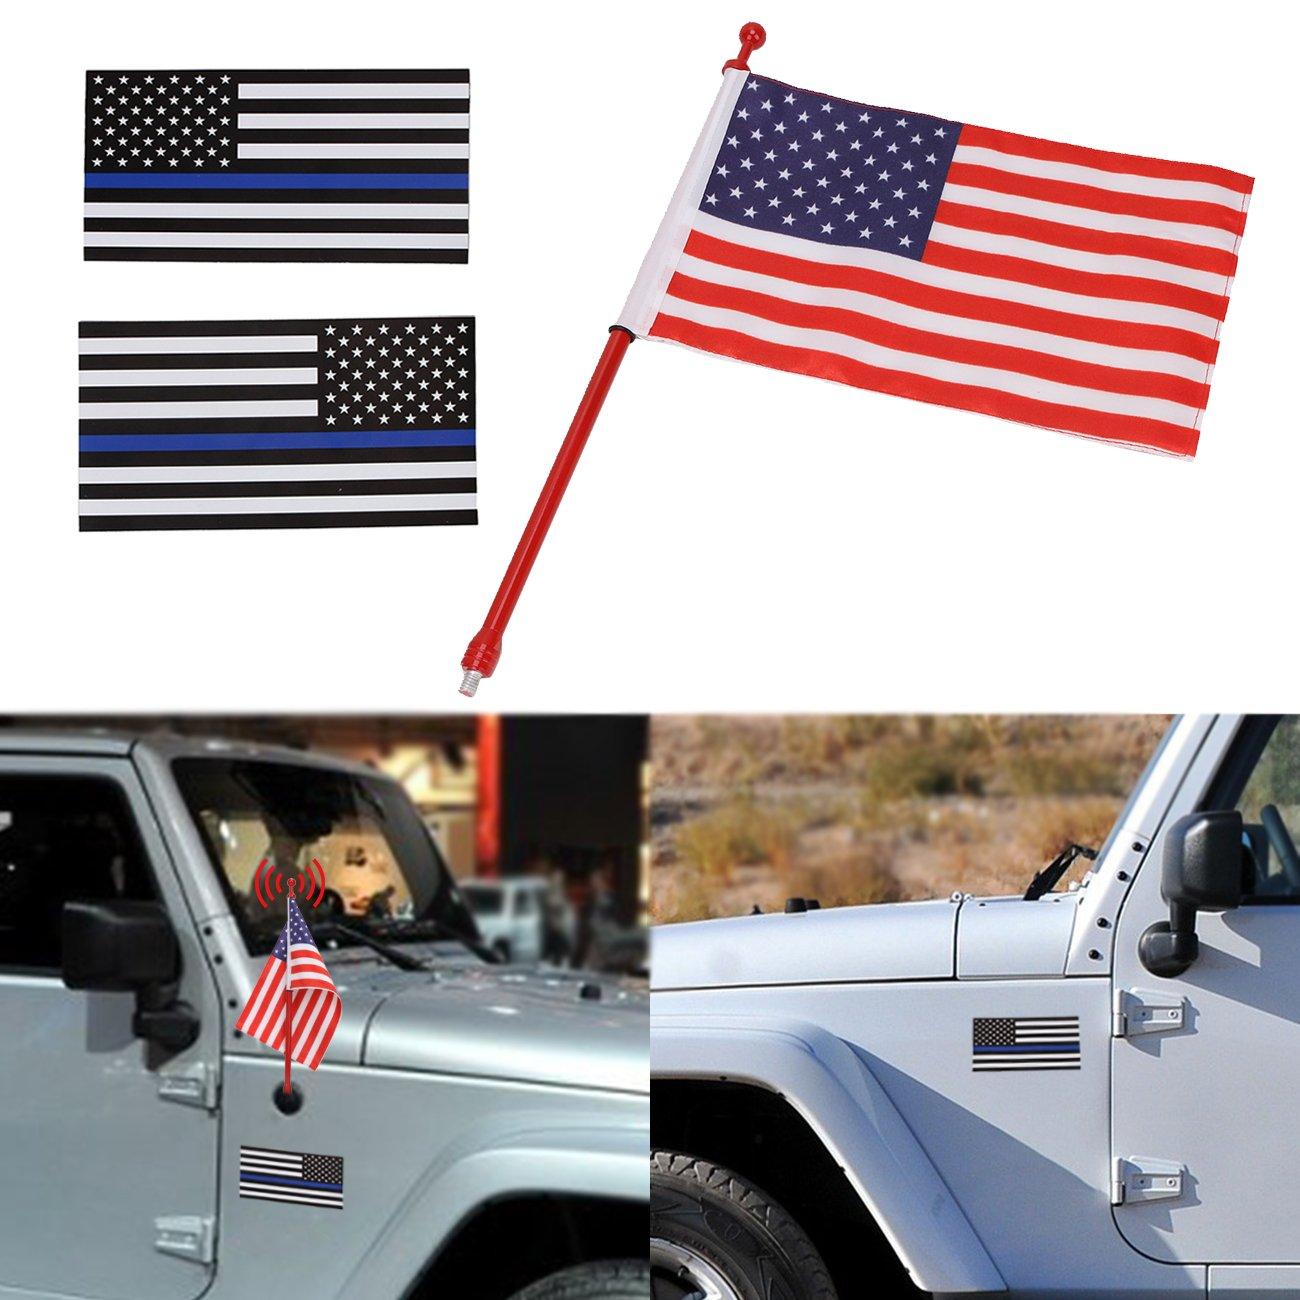 アメリカ国旗+ United Statesアメリカ国旗デカールステッカー+ラジオアンテナマスト交換用ジープラングラーJK 2007 – 2017 Antenna + US Flag + Stickers Jeep Antenna B079BH8Q47  Red+Blue Antenna + US Flag + Stickers